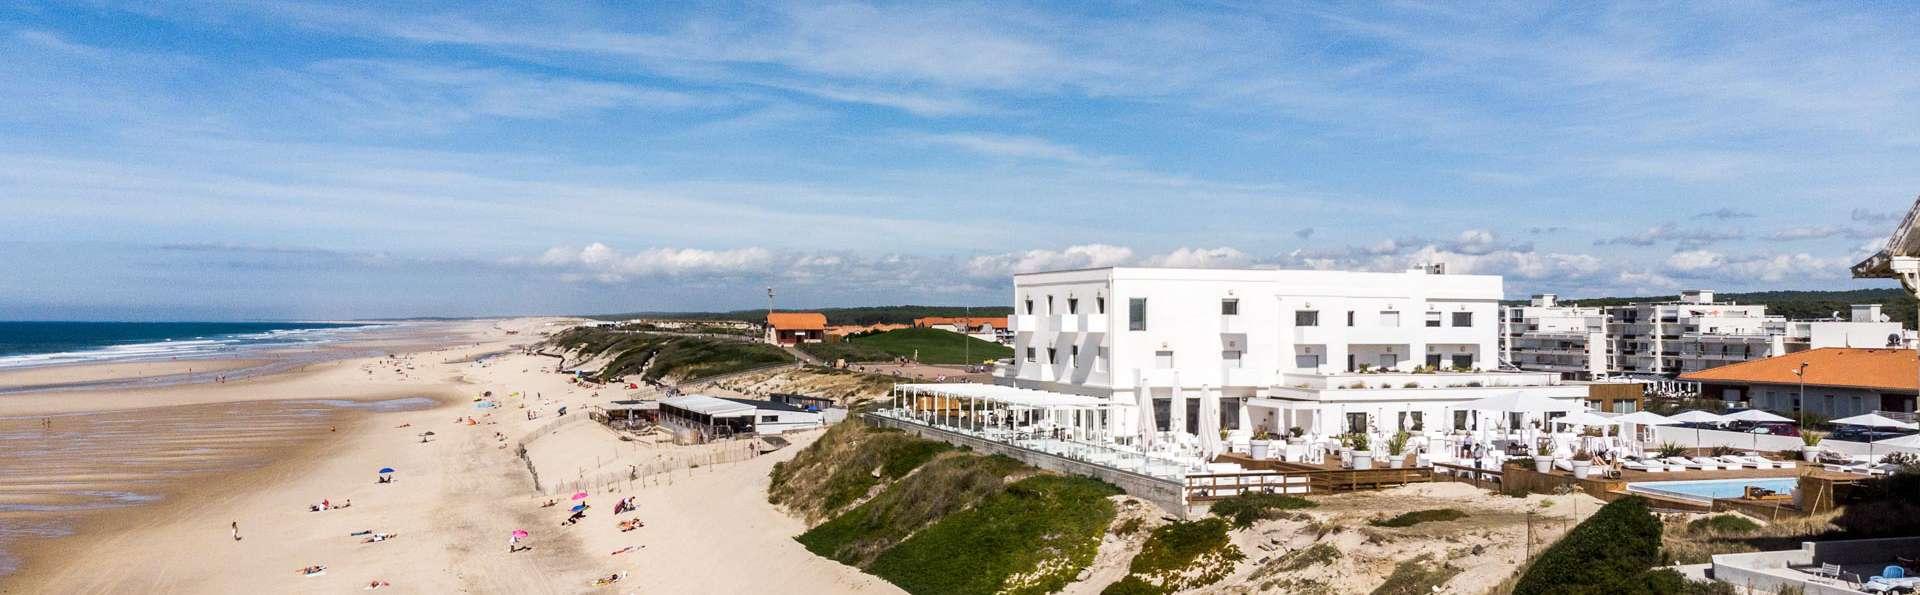 Le Grand Hôtel de la Plage - Biscarrosse - EDIT_N2_AERIAL_04.jpg